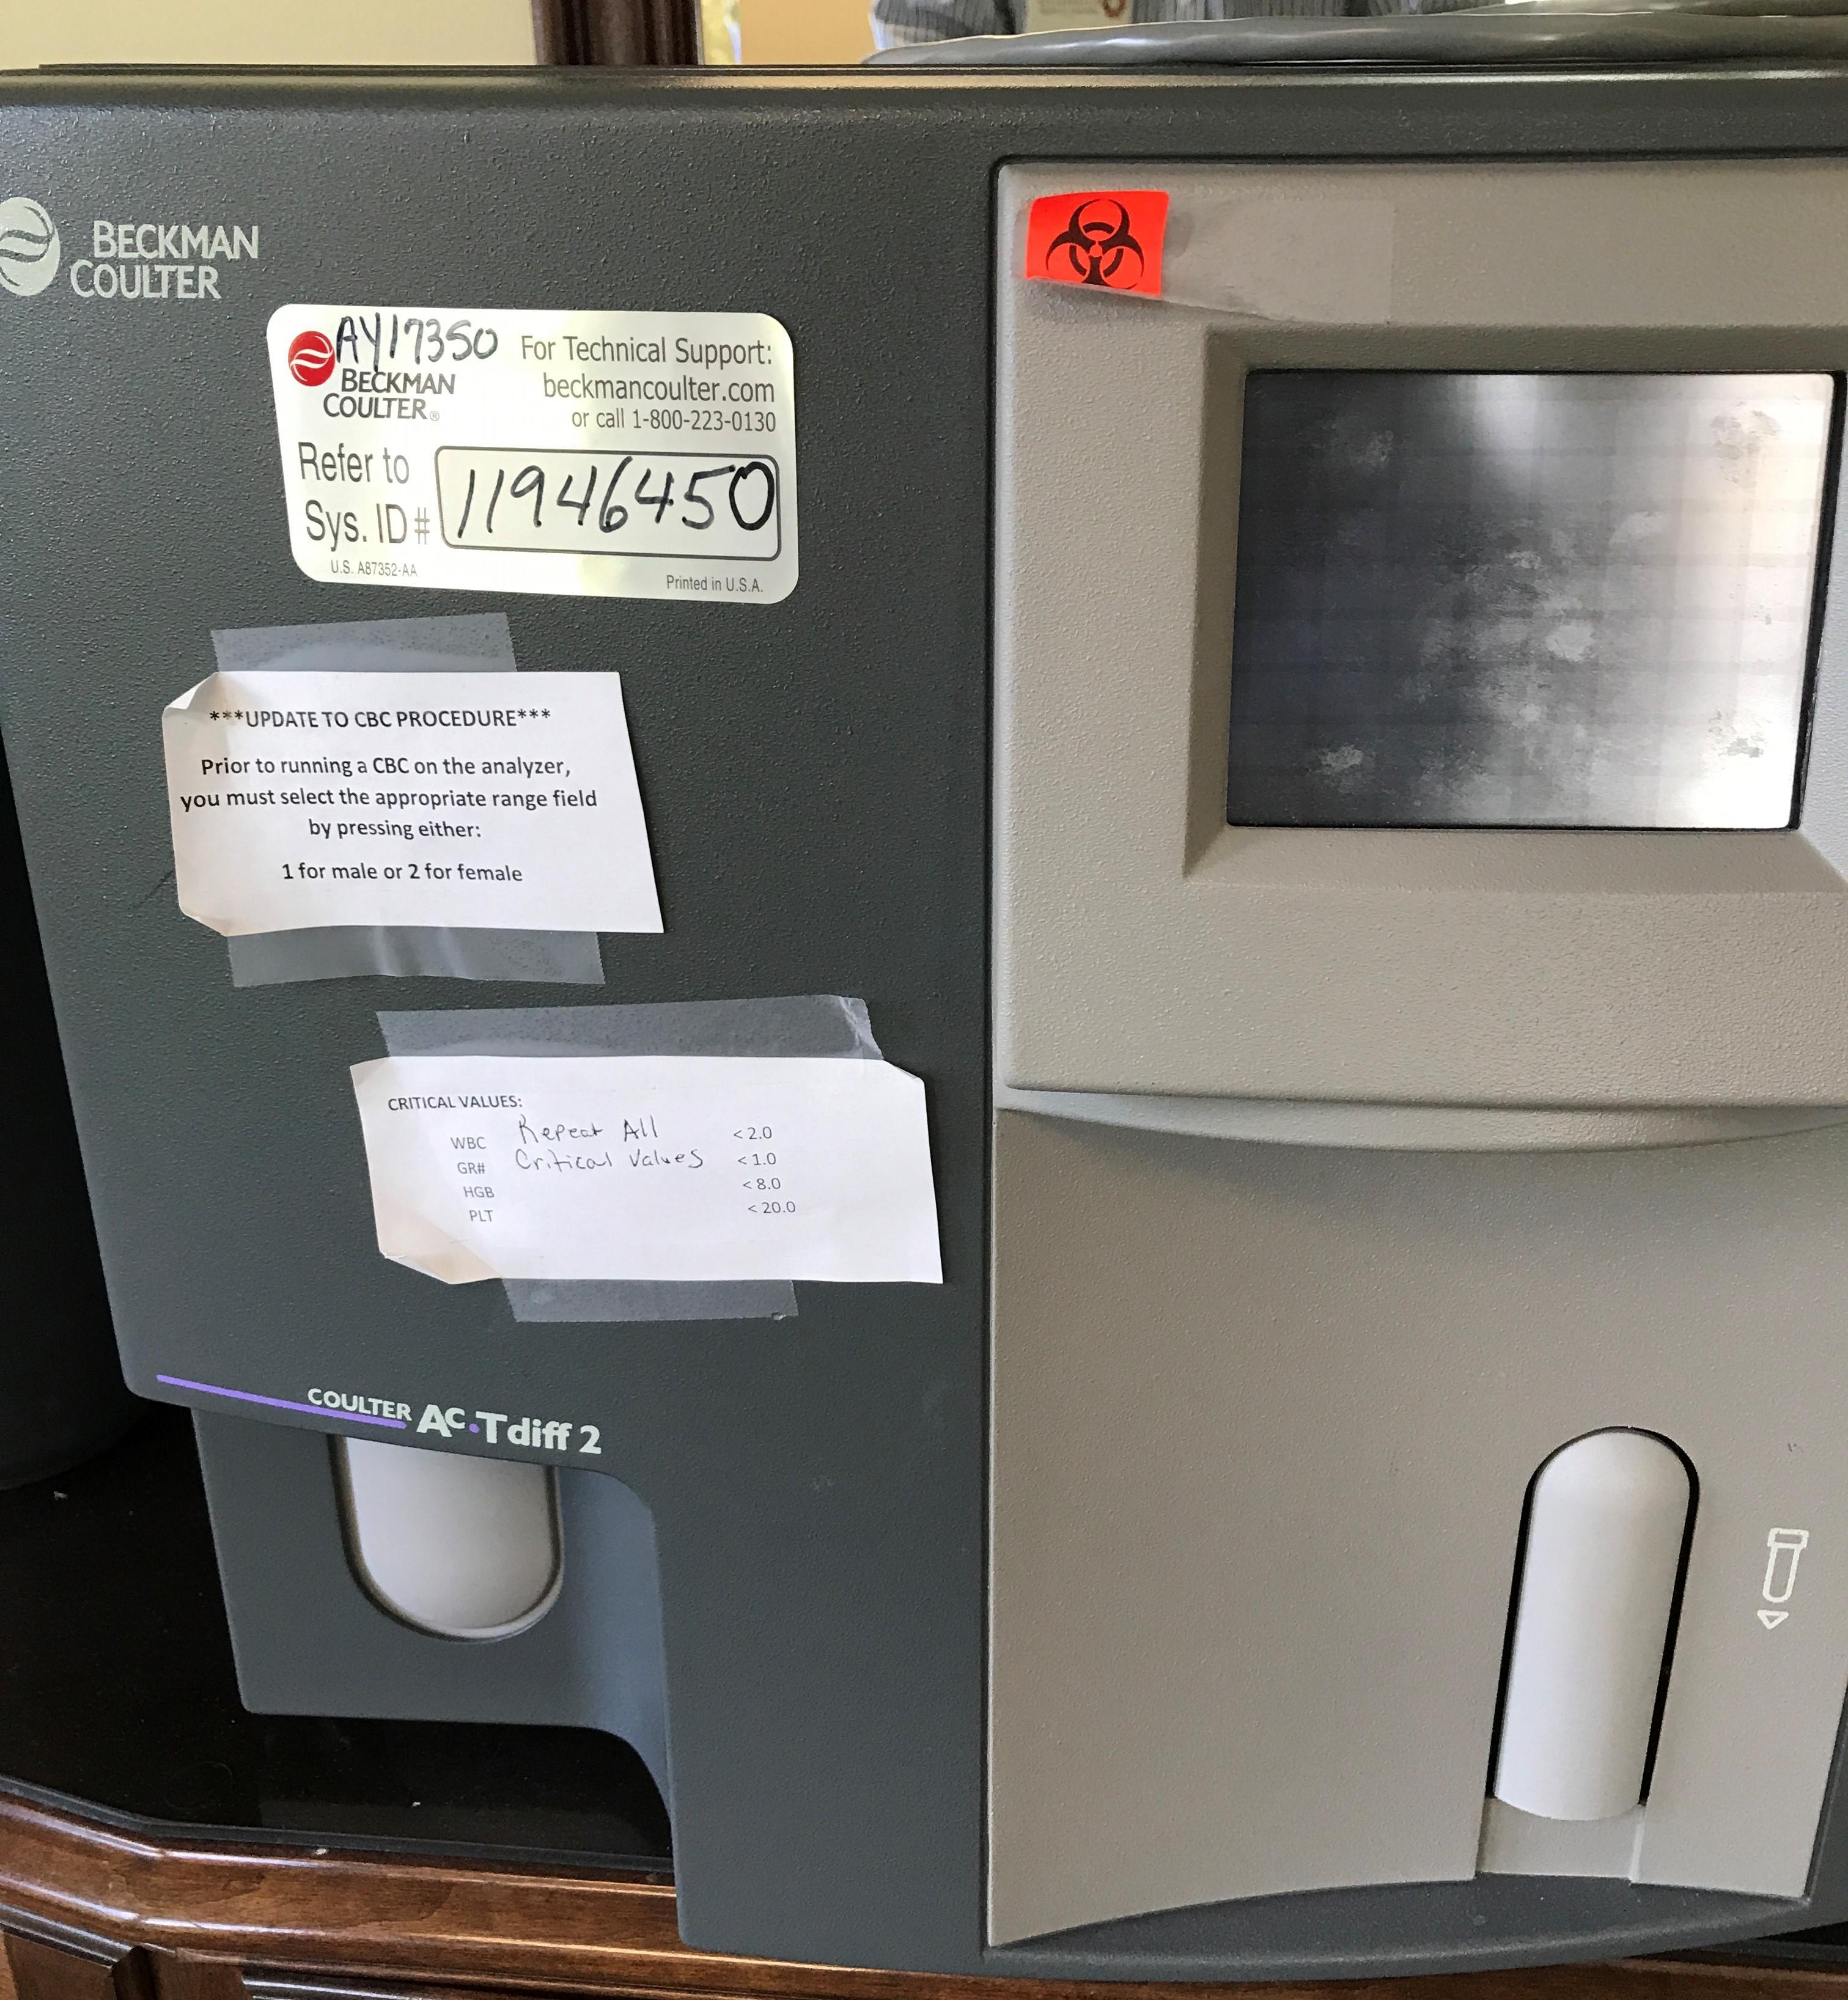 Campden 7000smz-2 Vibratome   1-Year Warranty   For Sale